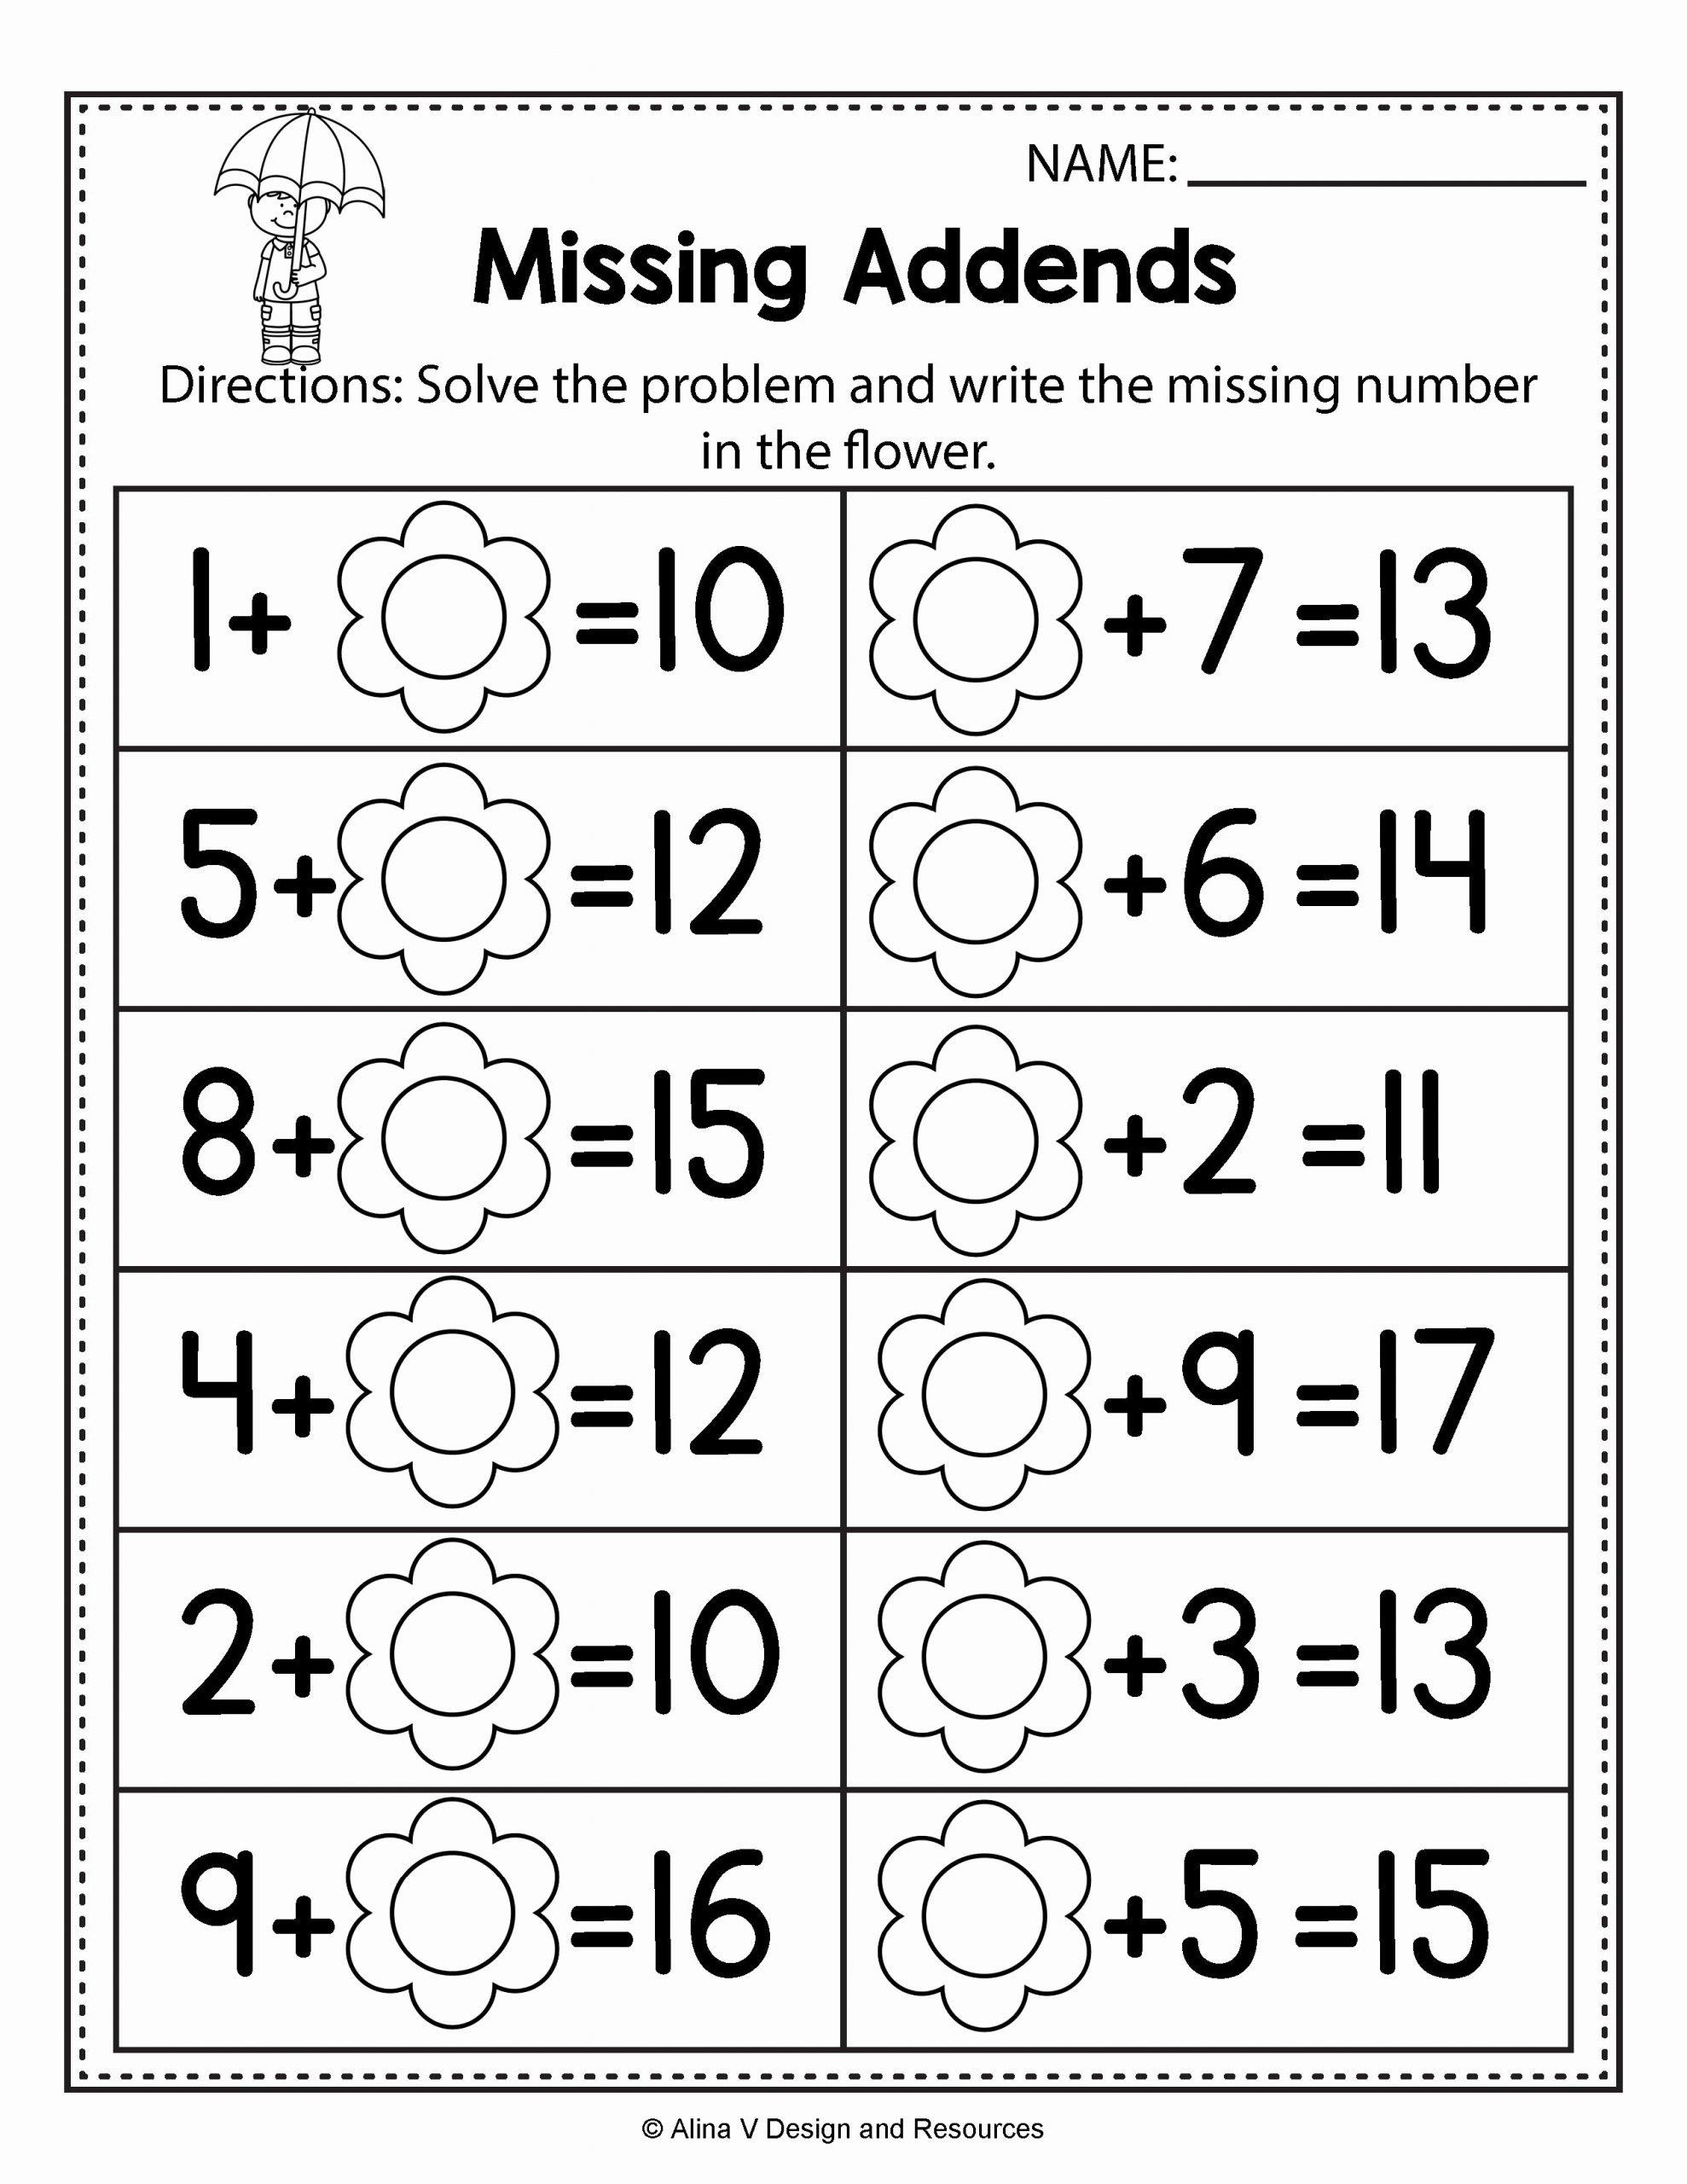 Missing Addend Worksheets 1st Grade Best Of First Grade Missing Addend Worksheets Refrence Unique Free